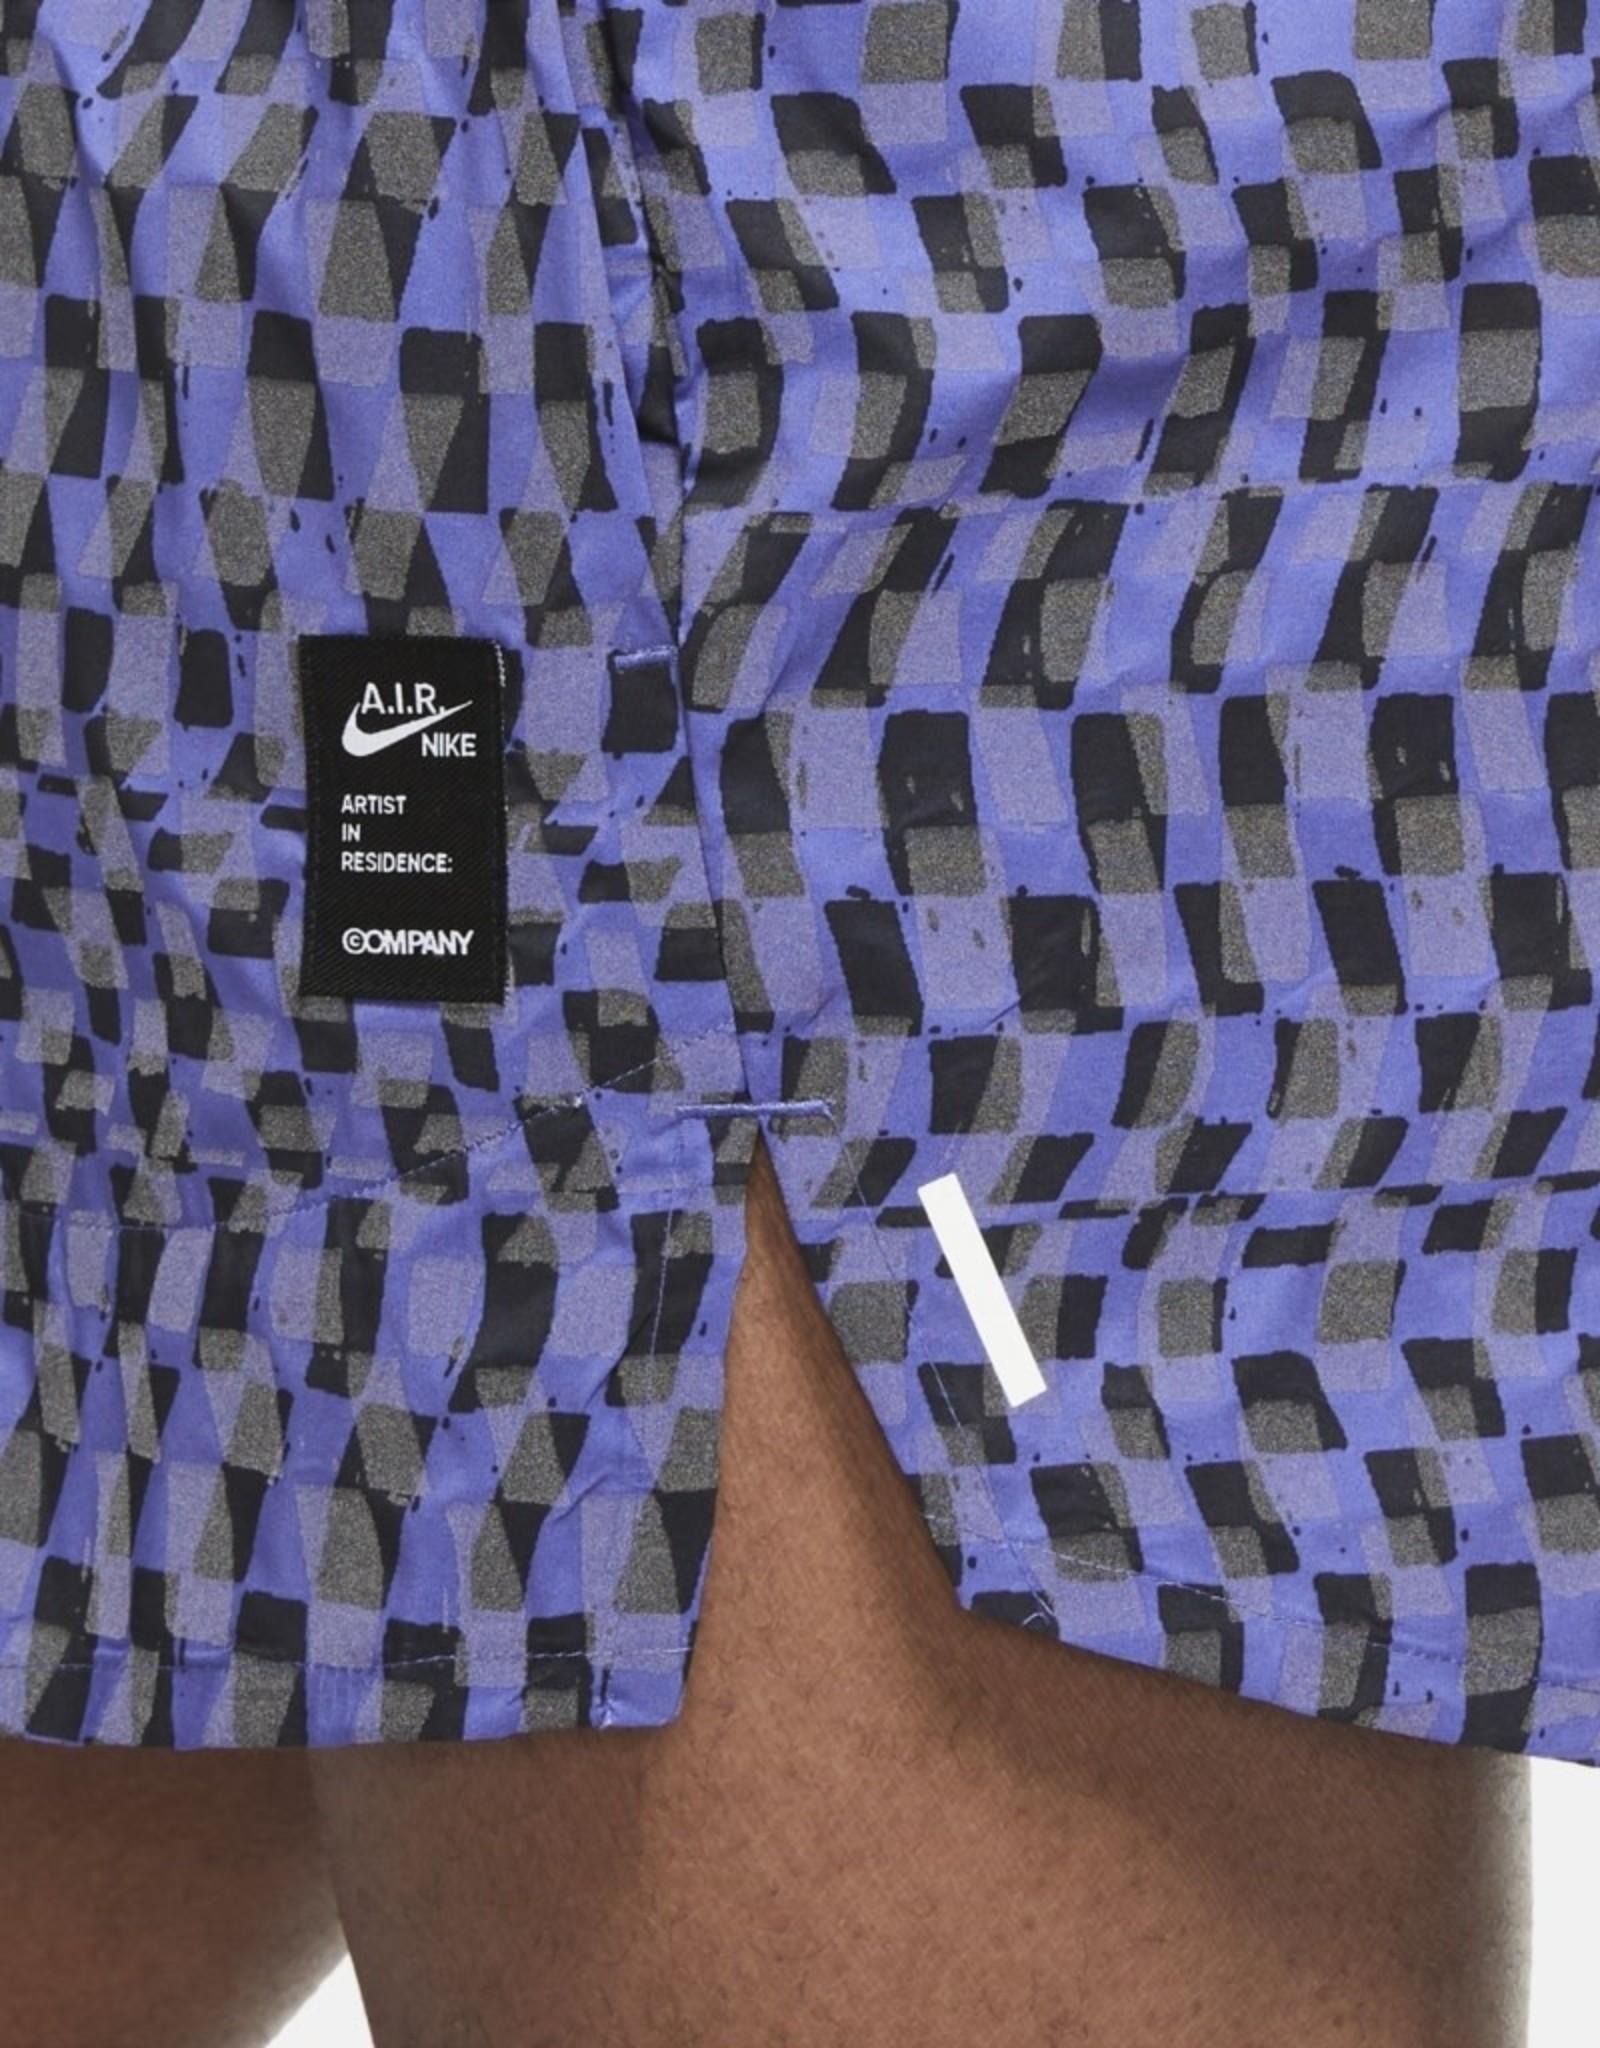 NIKE Nike Flex Stride A.I.R. Chaz Bear